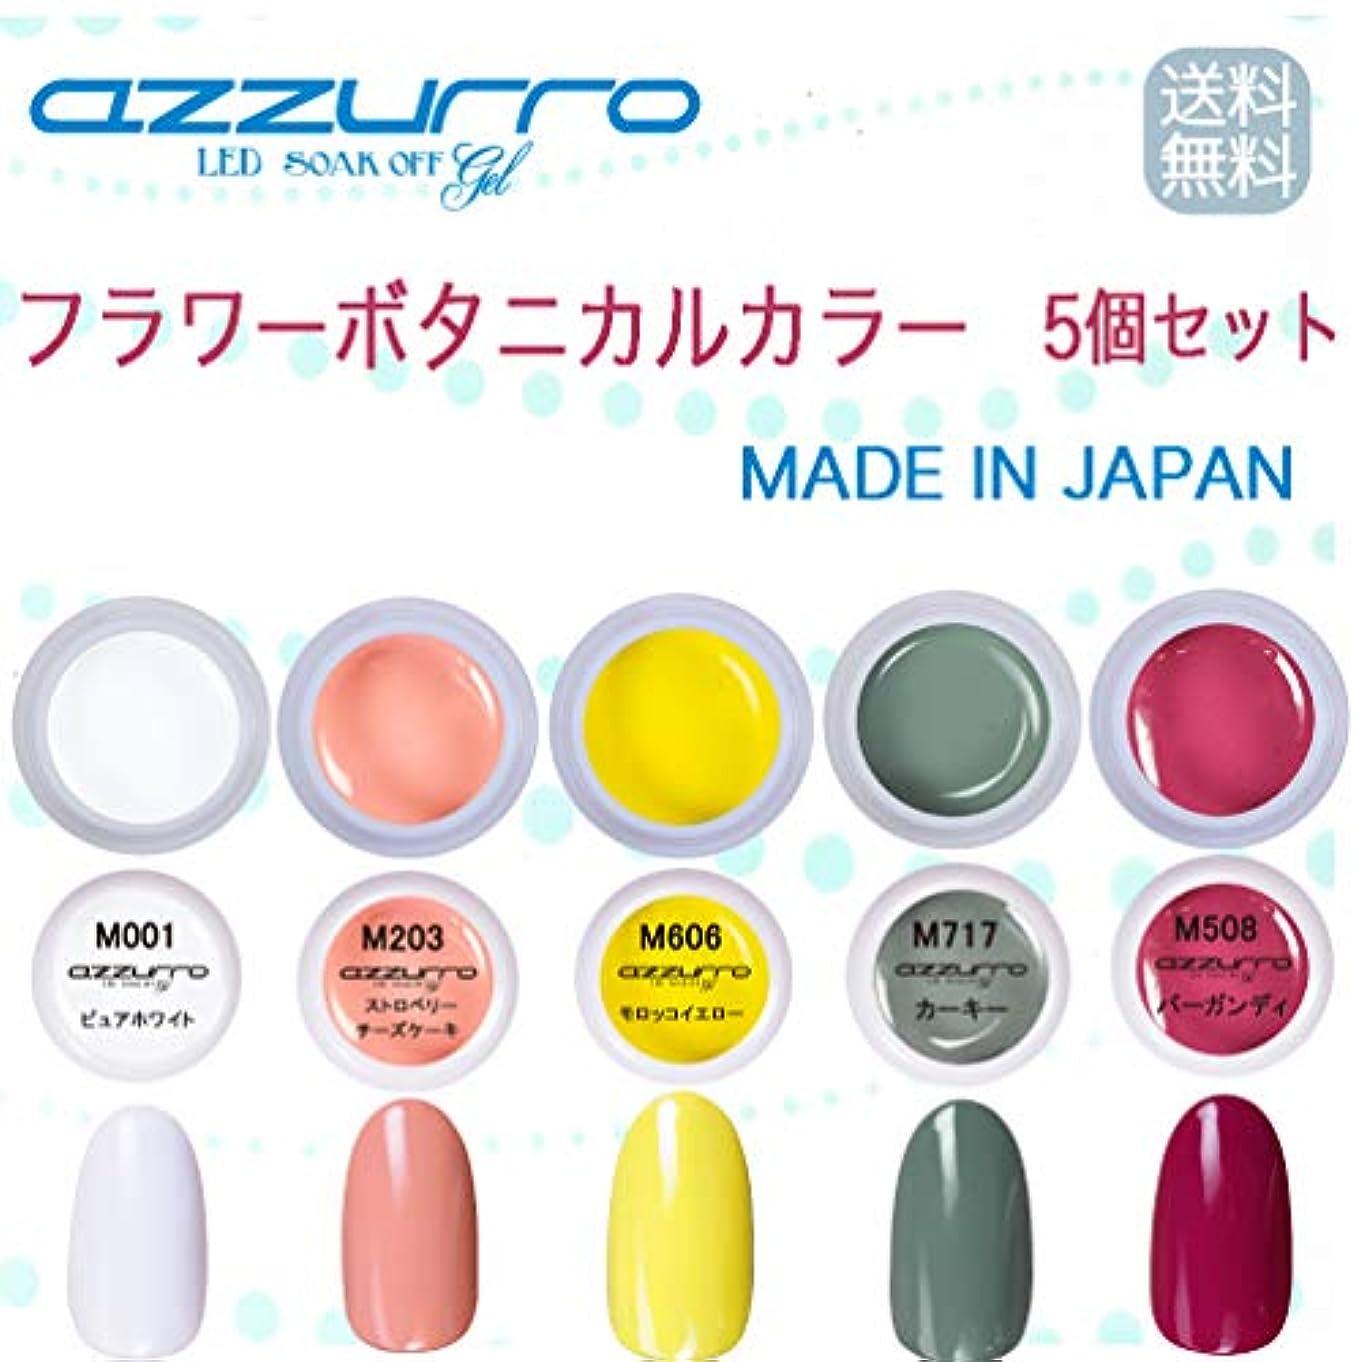 区画整然とした汚染された【送料無料】日本製 azzurro gel フラワーボタニカルカラージェル5個セット 春にピッタリでかわいいフラワーアートにピッタリなカラー